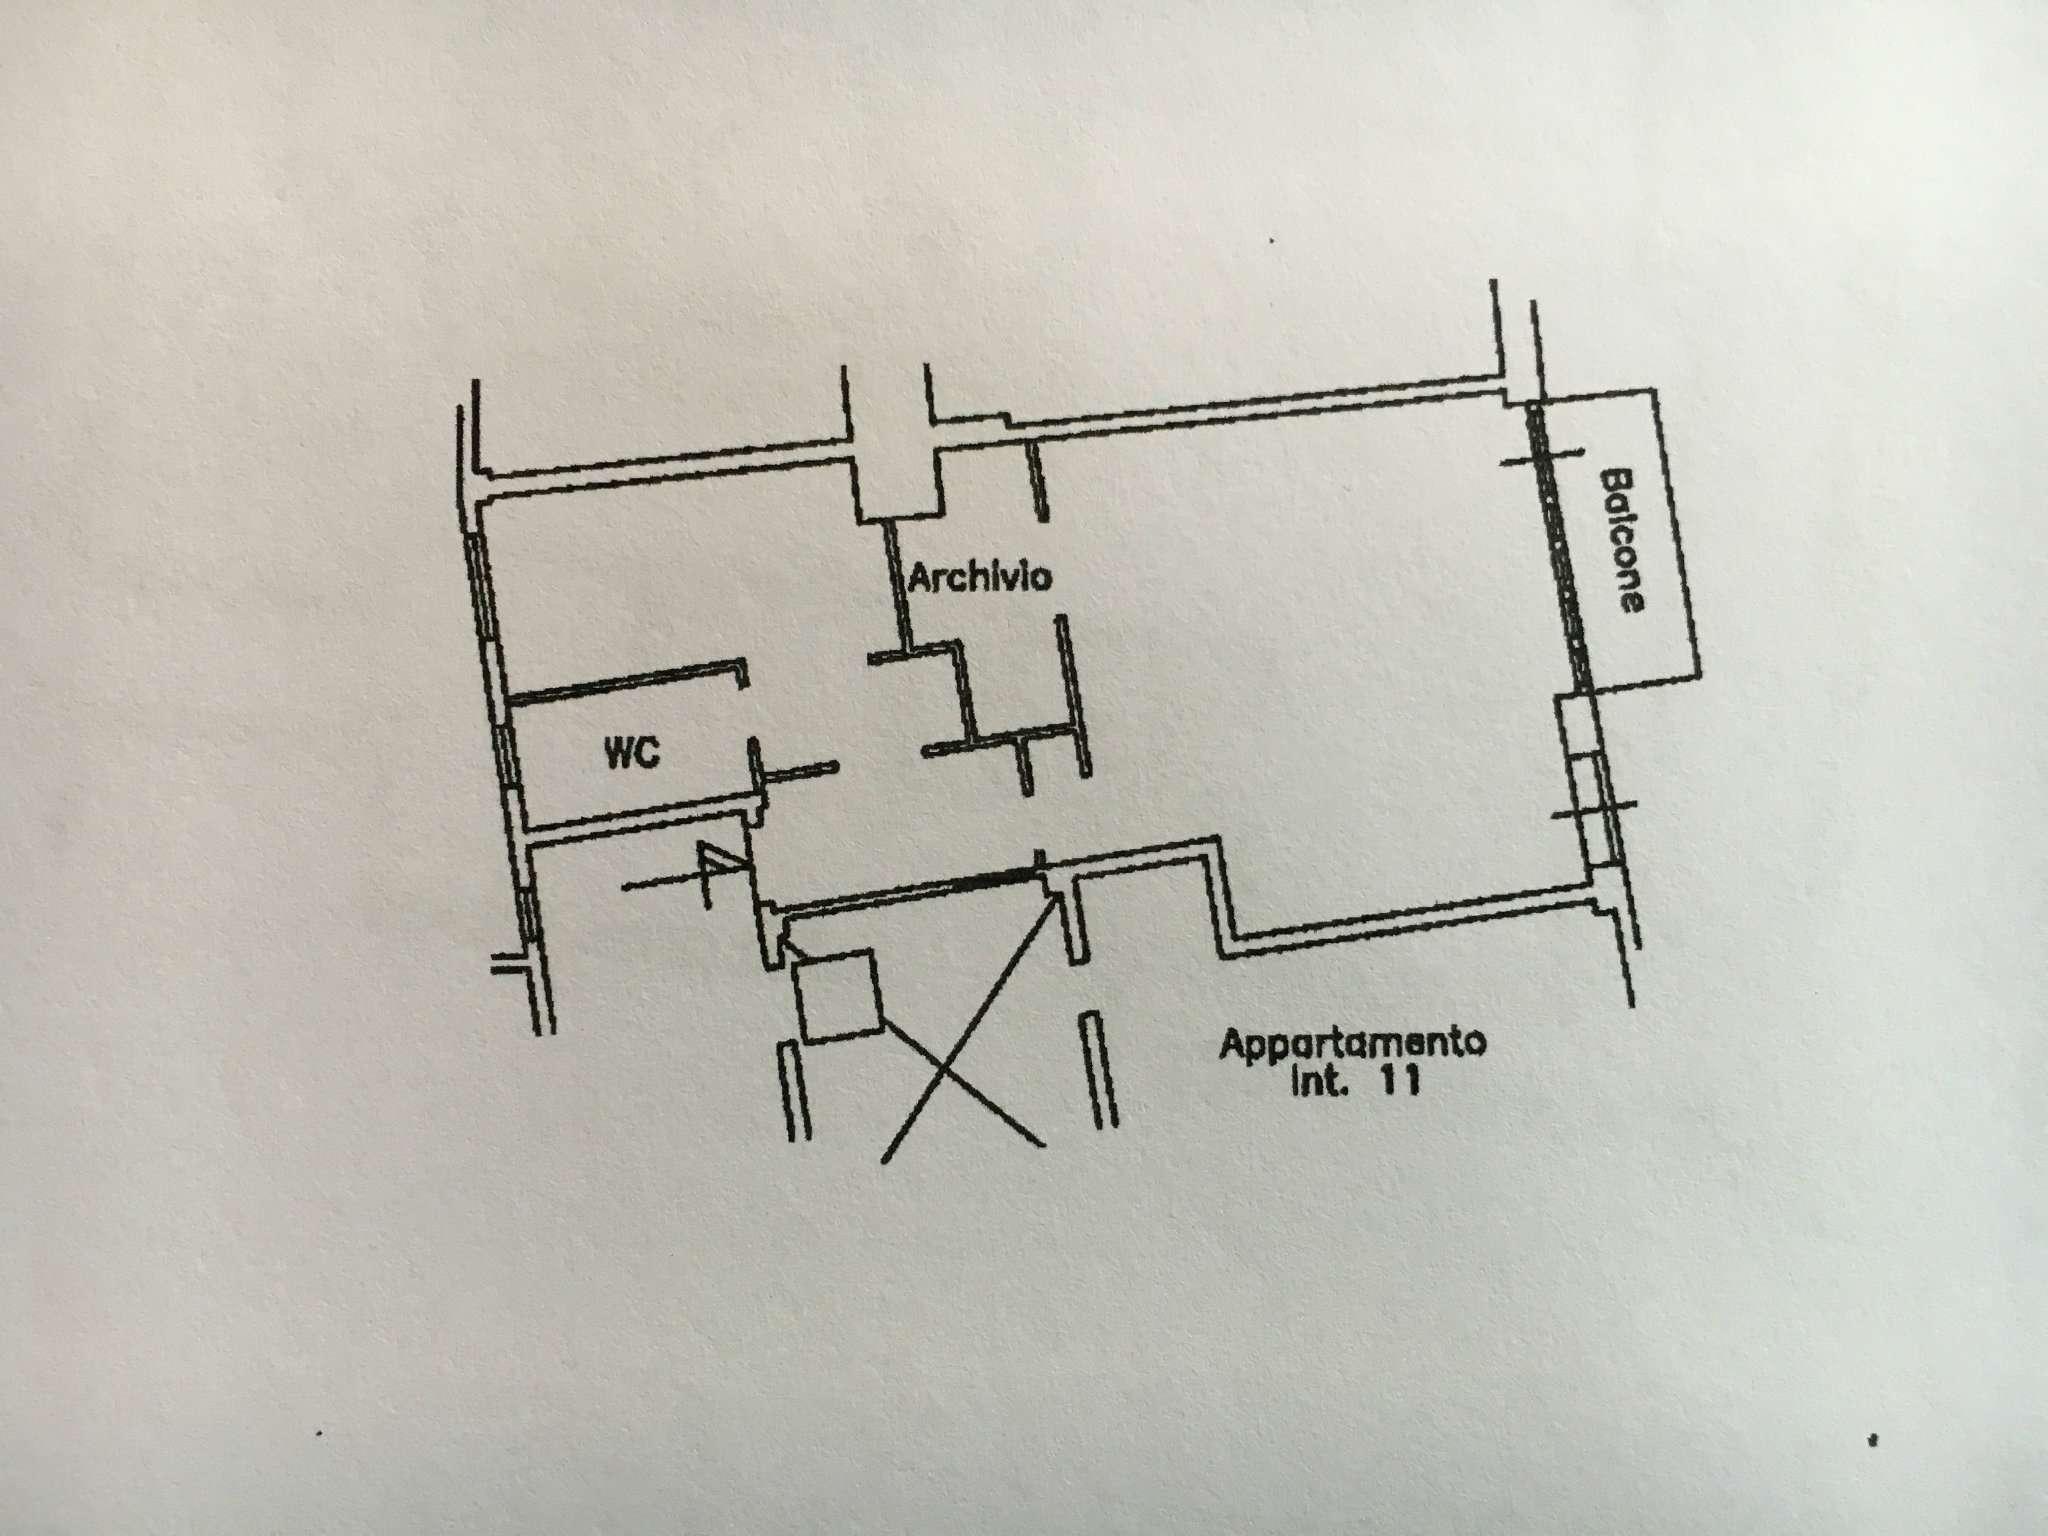 Ufficio in affitto via catalani roma annunci di case e for Affitto ufficio roma trieste salario